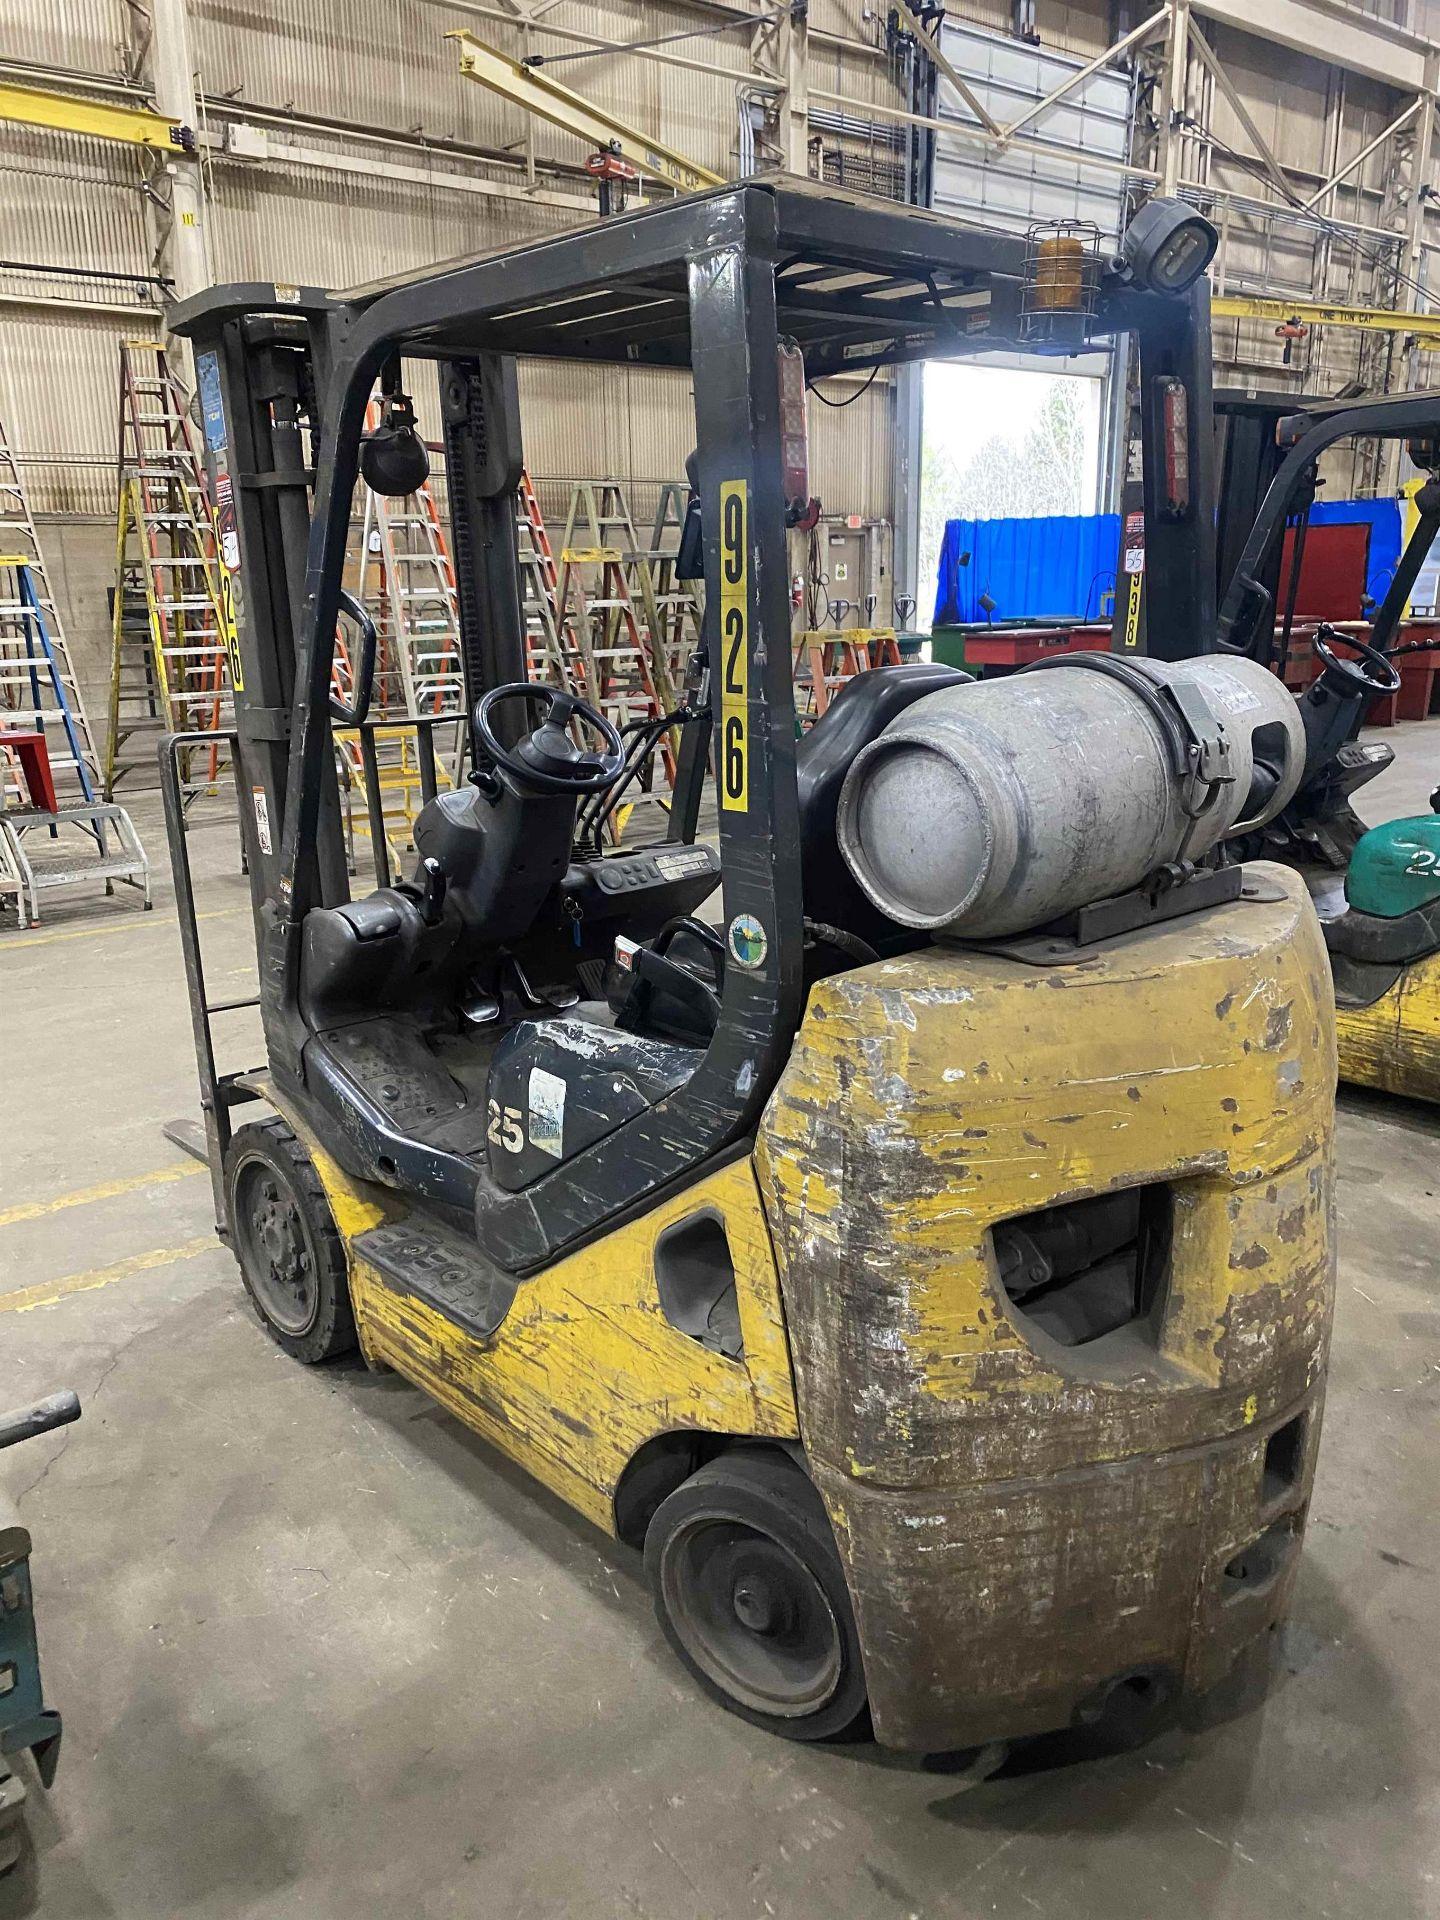 """KOMATSU FG25ST-16 5,000 Lb. LPG Forklift, s/n A234349, Two-Stage Mast, Side Shift, 48"""" Fork - Image 4 of 8"""